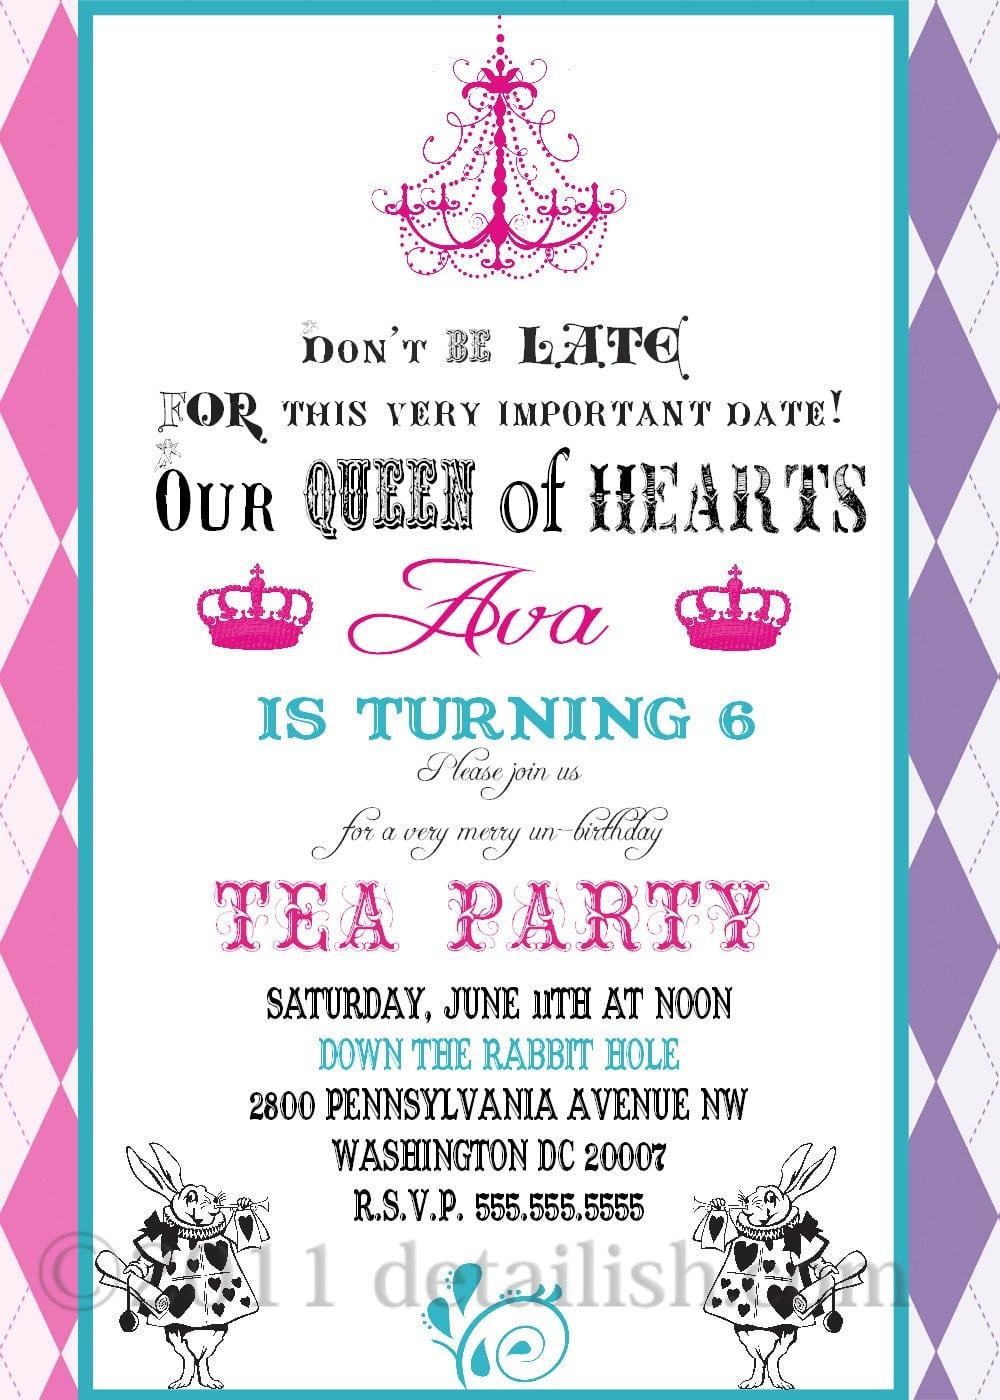 Mary kay party invitation templates mickey mouse invitations invitation quotes for party stopboris Images